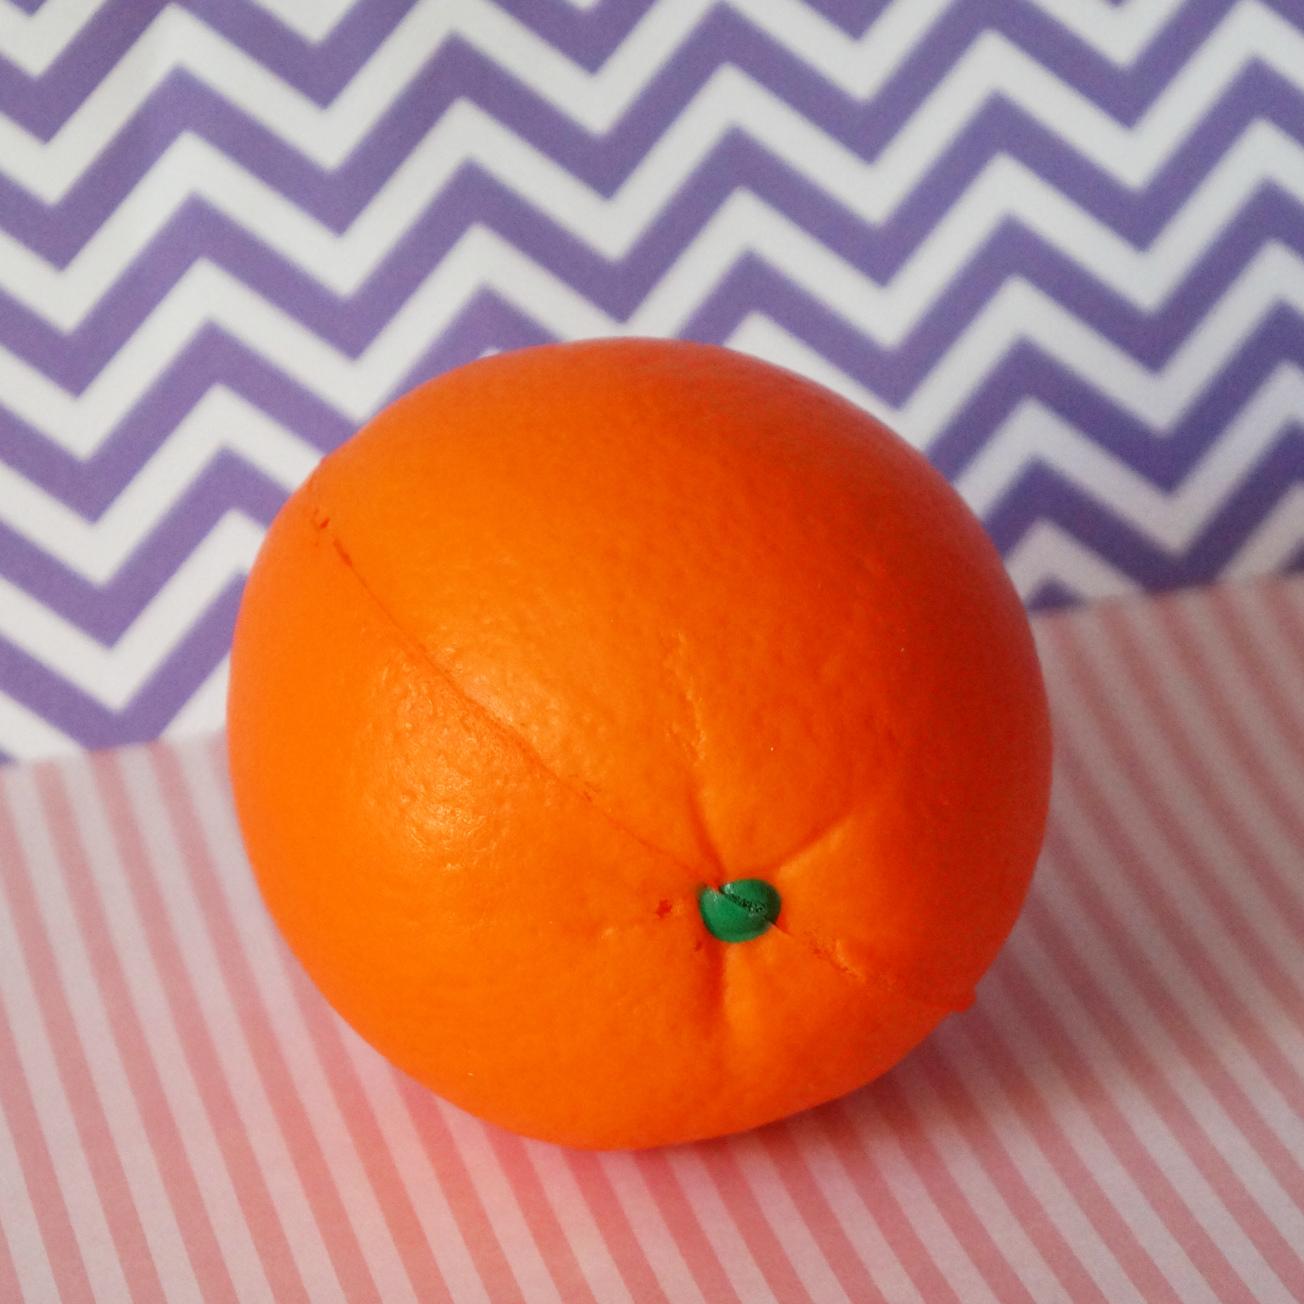 сквиши антистресс апельсин купить недорого